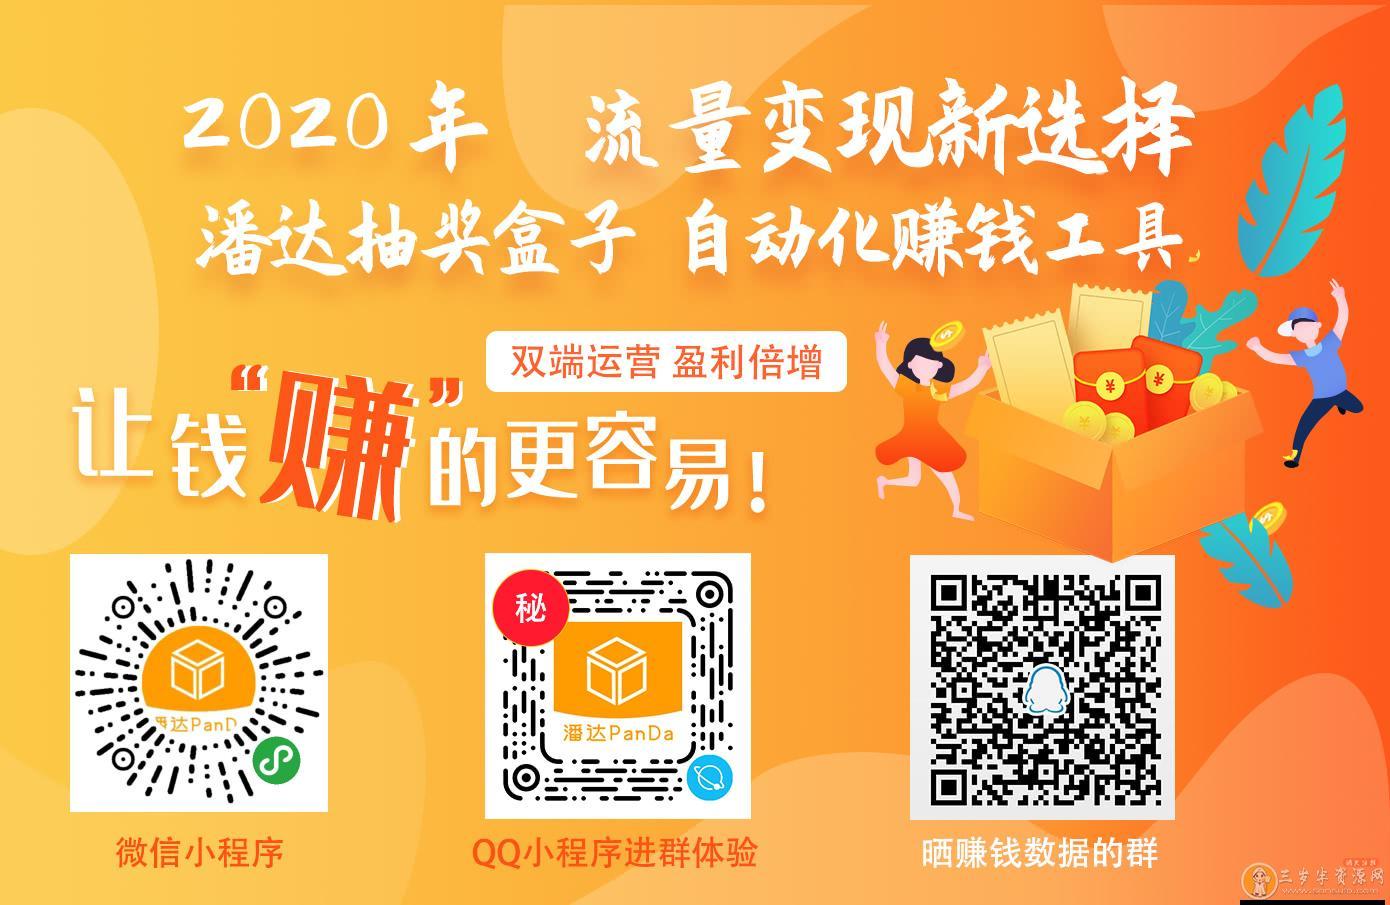 熊猫抽奖盒子 panda_luckybox 版本号:3.3.1 运营多开版 修复抽奖